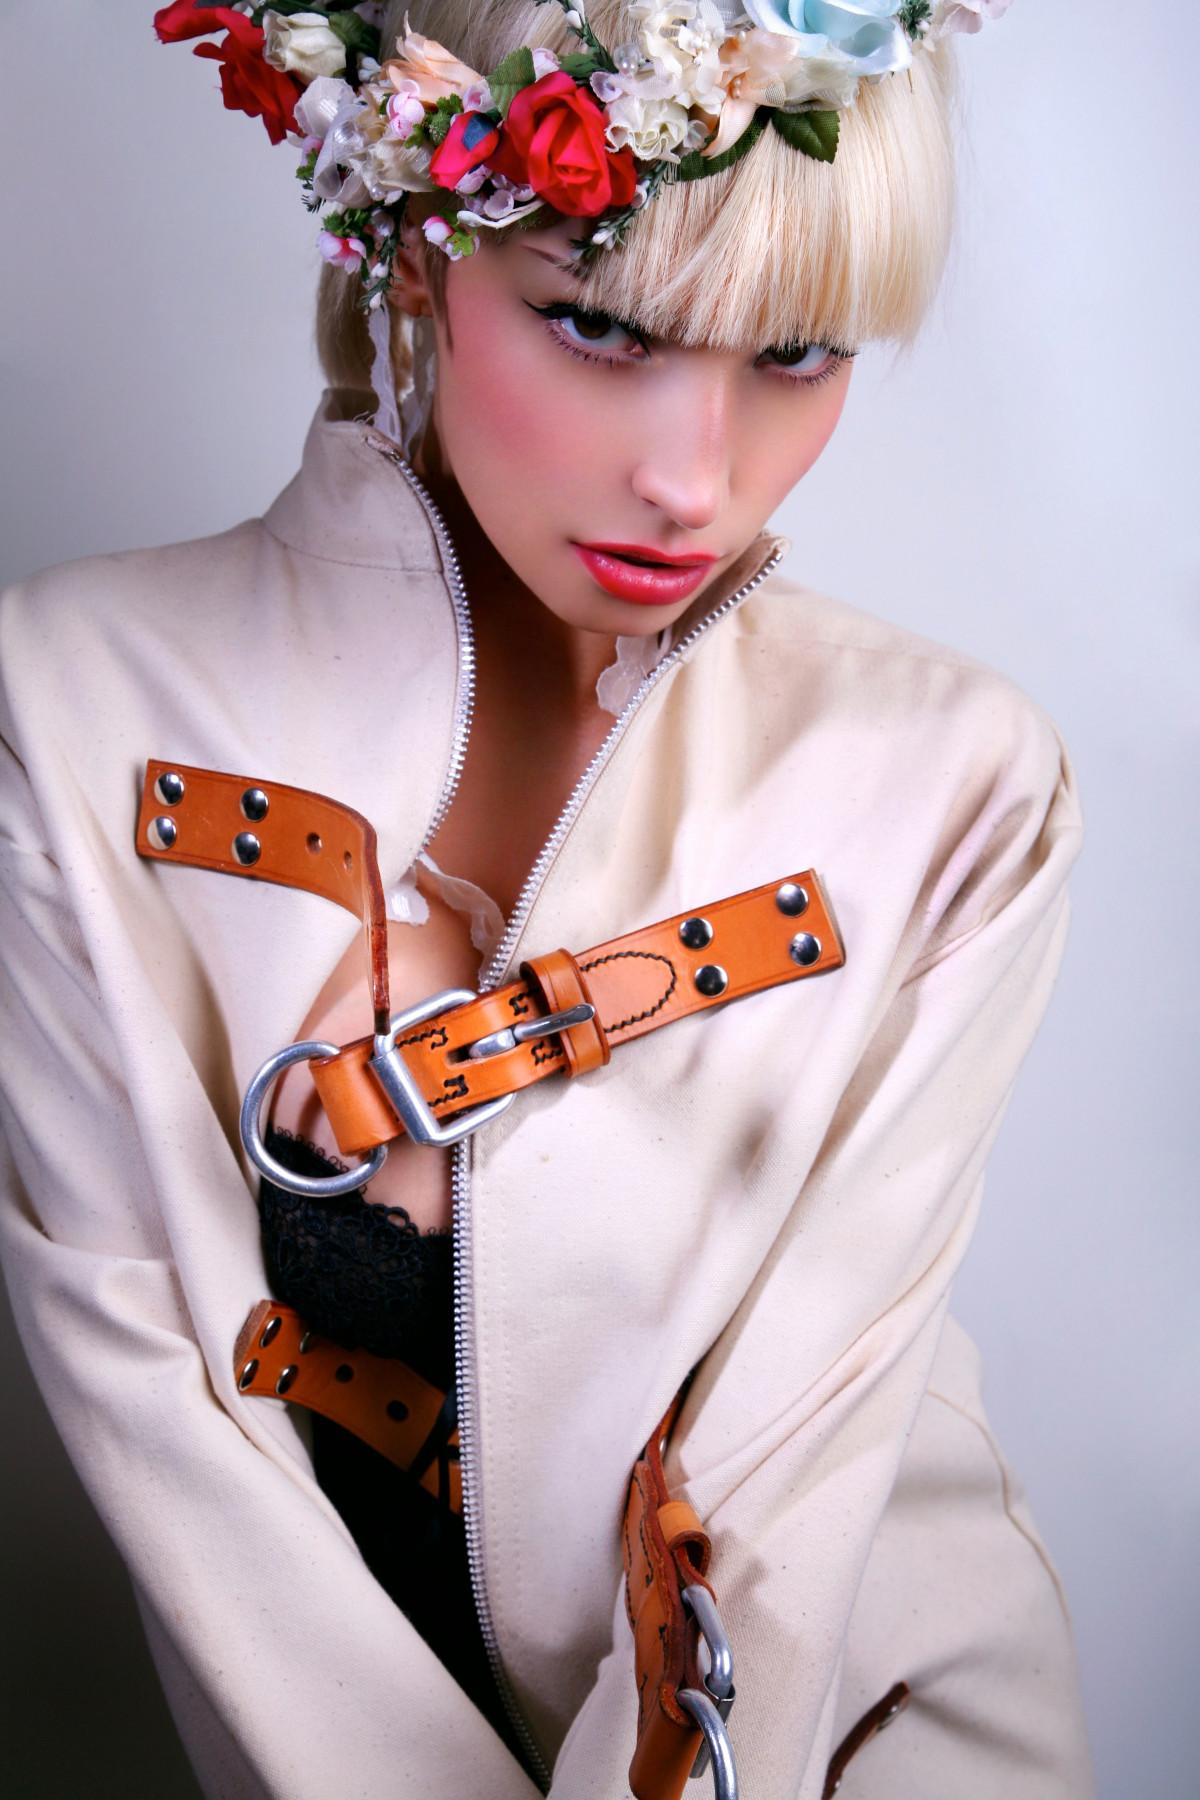 Fotos gratis : mujer, modelo, primavera, Moda, ropa, vestir, disfraz, Sesión de fotos, Conjuntos ...